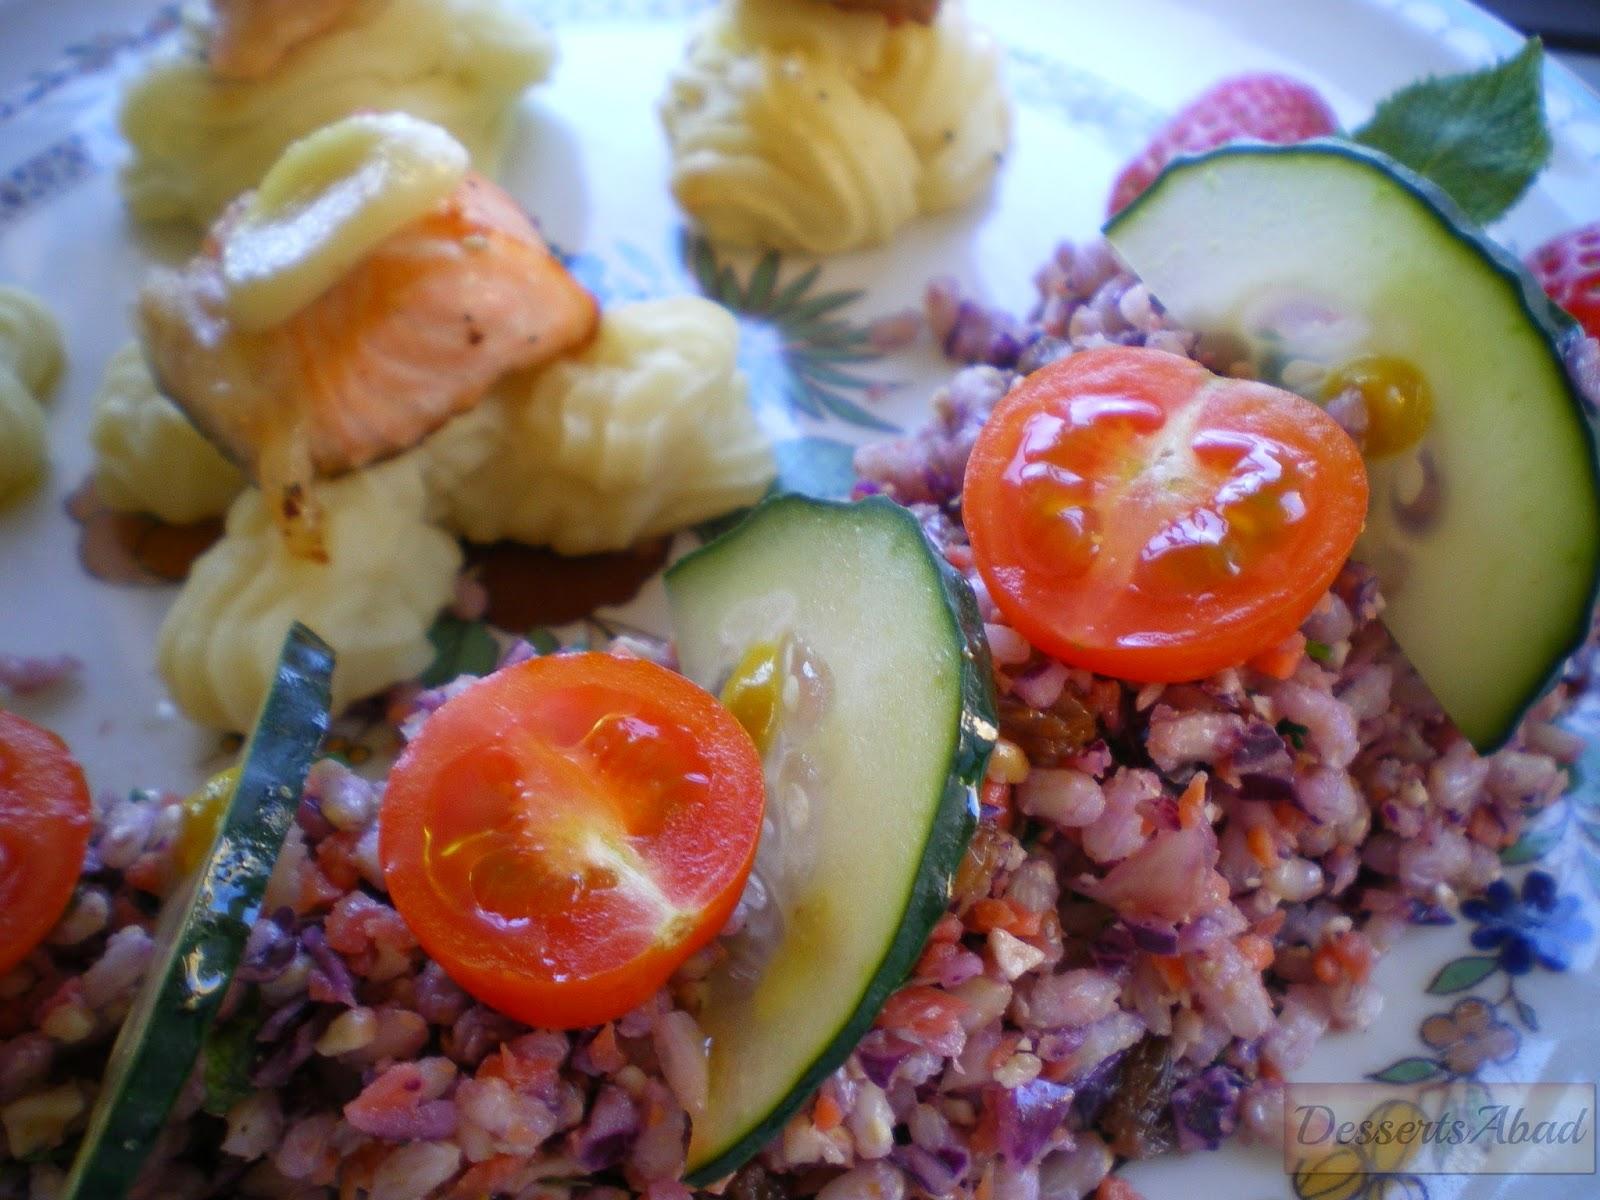 Salmón al ajillo sobre puré de patatas y ensalada con crudités